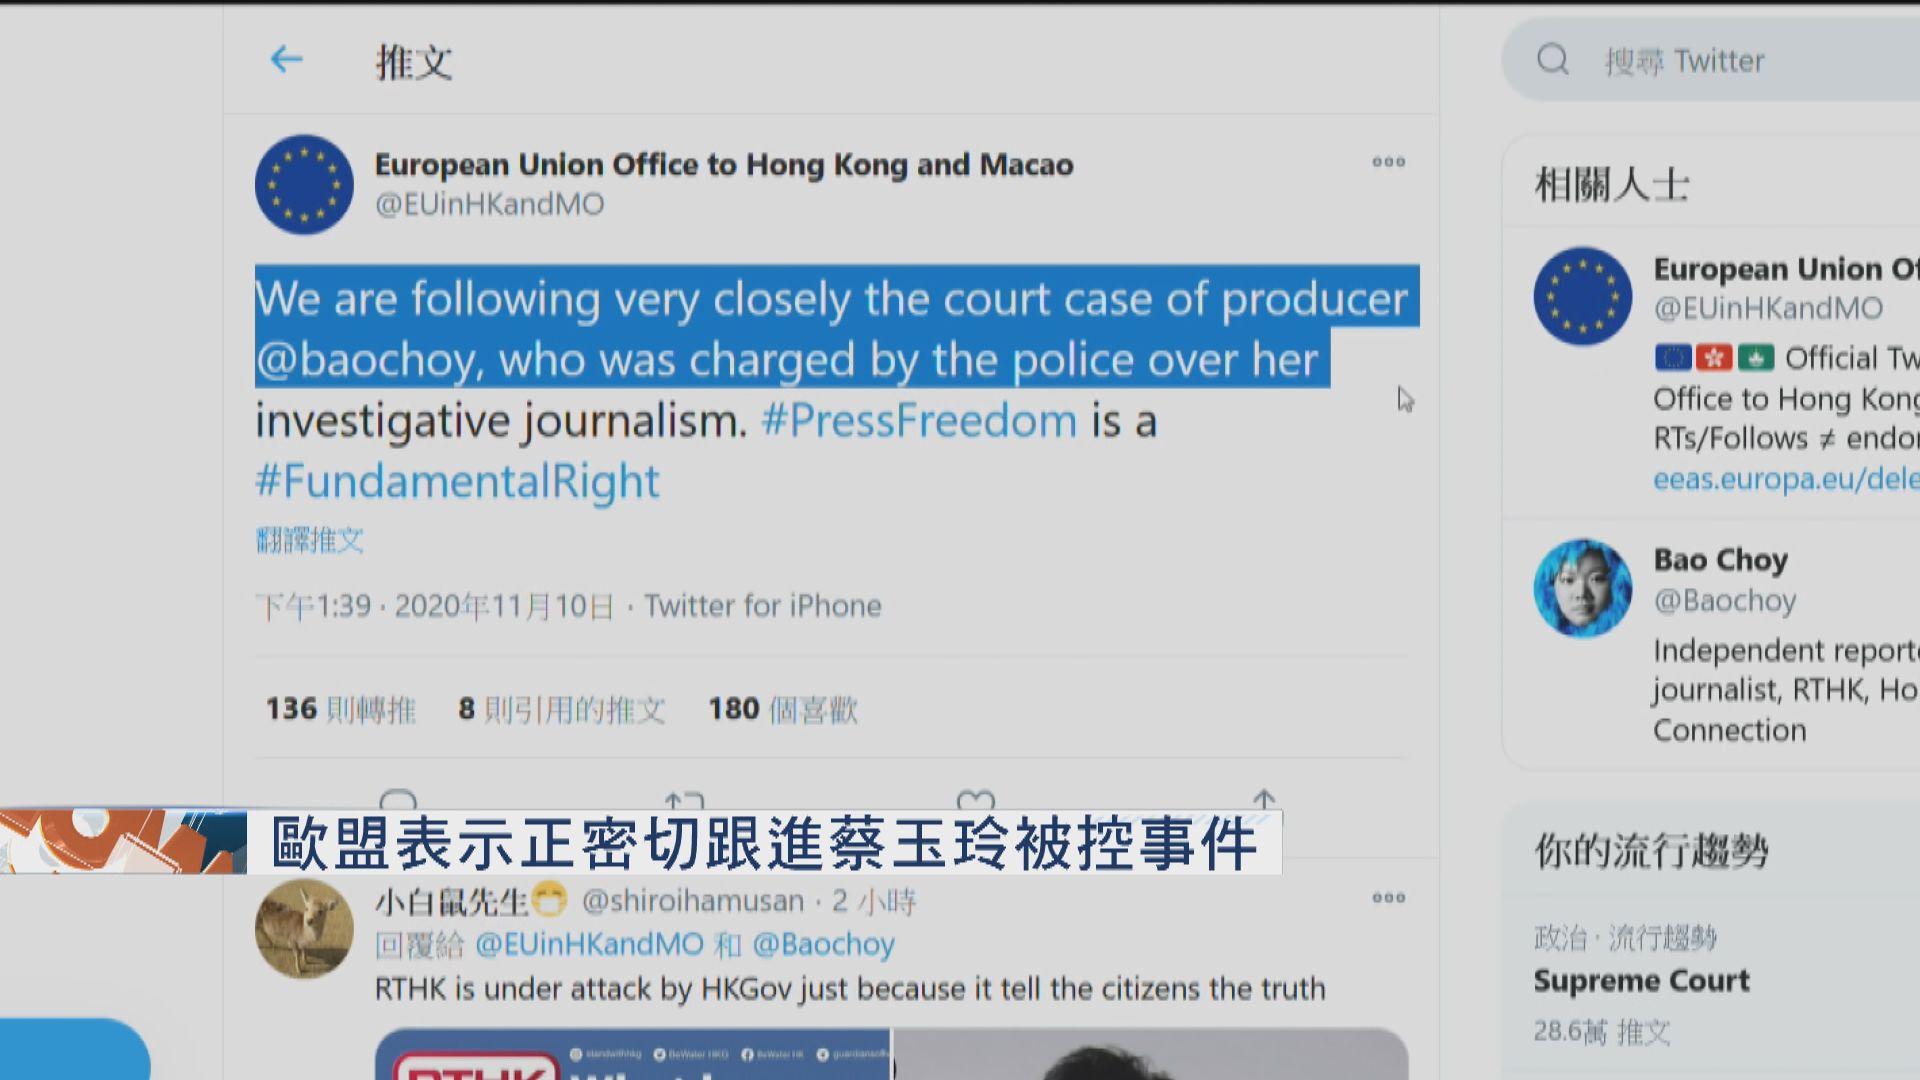 歐盟:正密切跟進港台編導蔡玉玲被控事件